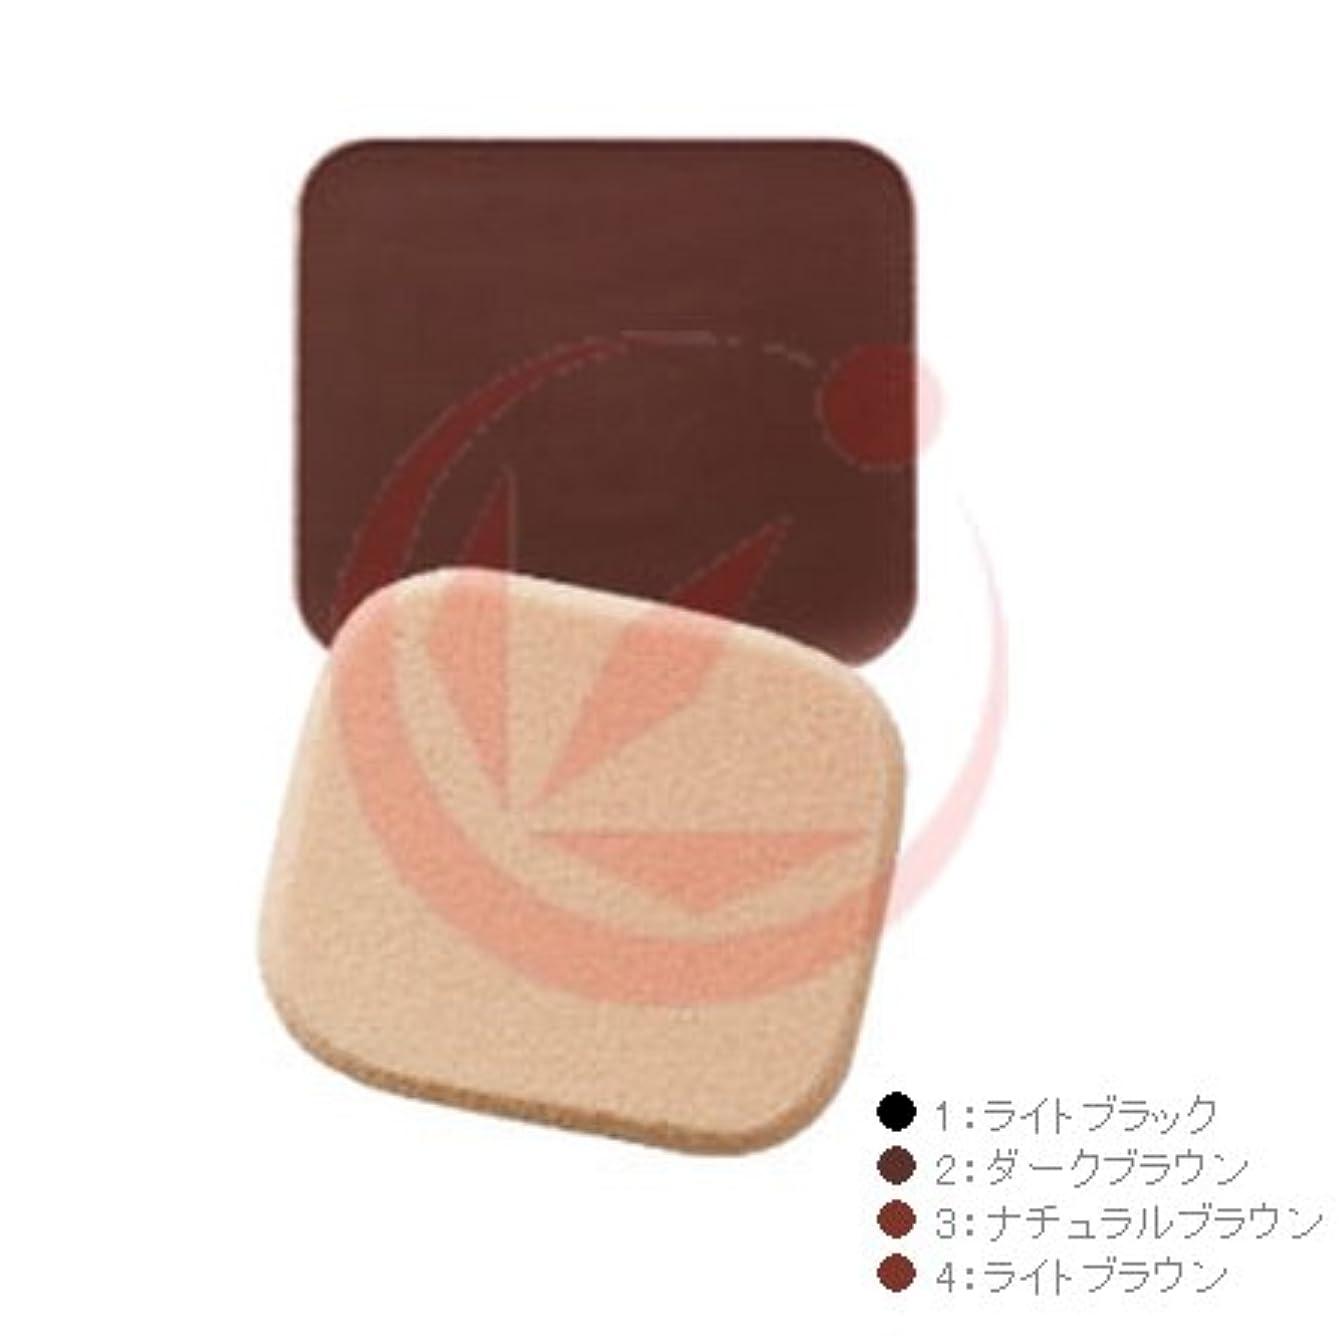 セーター対処プレフィックスイリヤ 彩(いろどり) ヘアファンデーション 13g 詰替用 パフ付 ダークブラウン